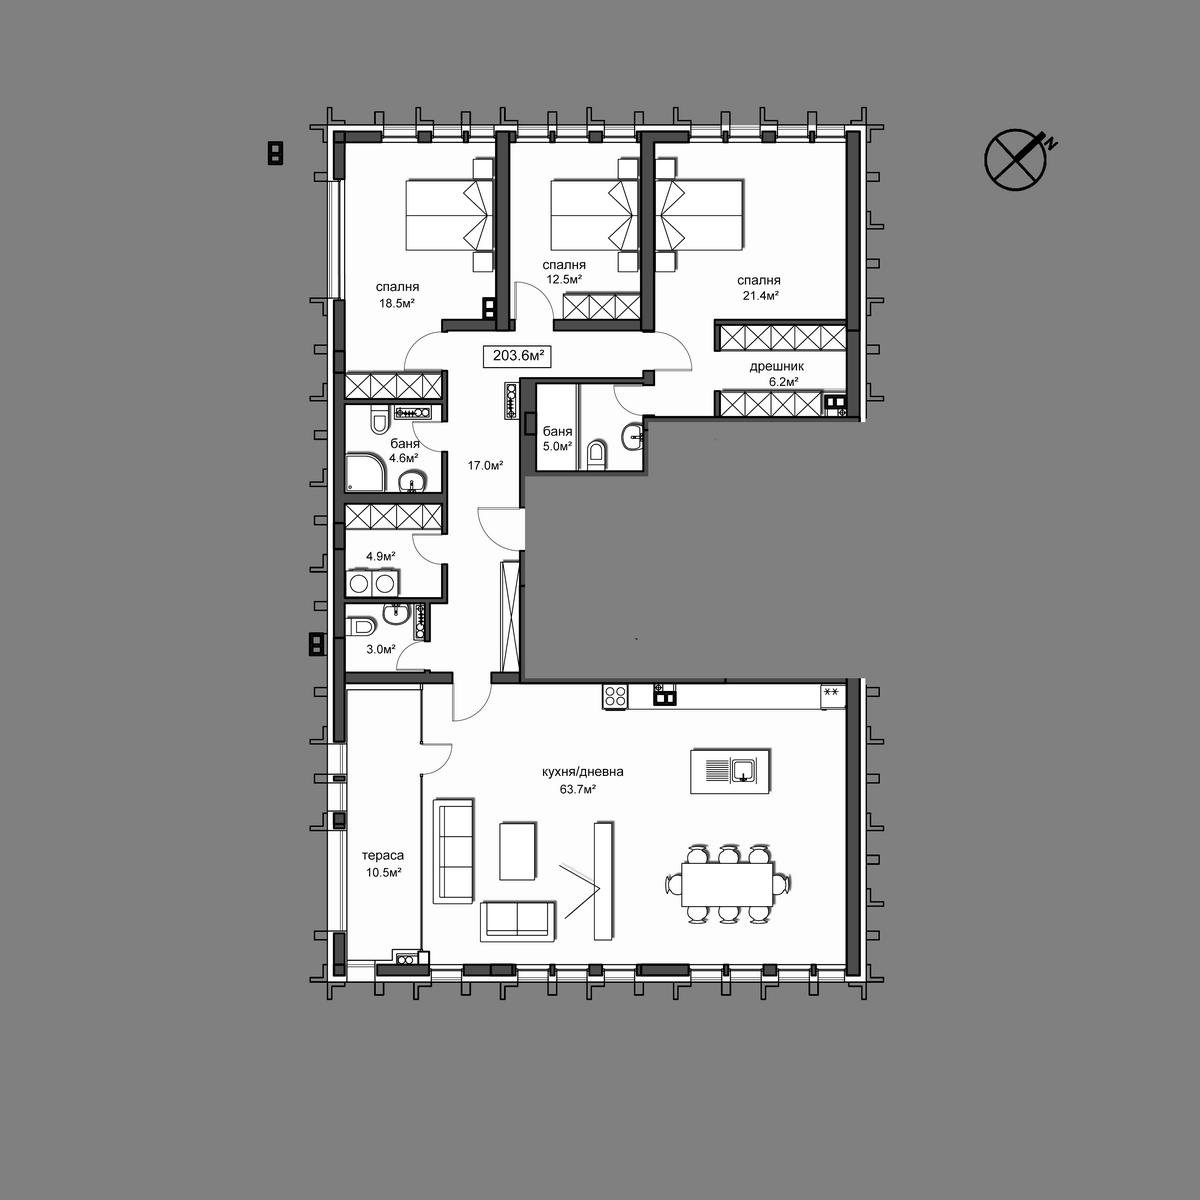 Апартамент 49